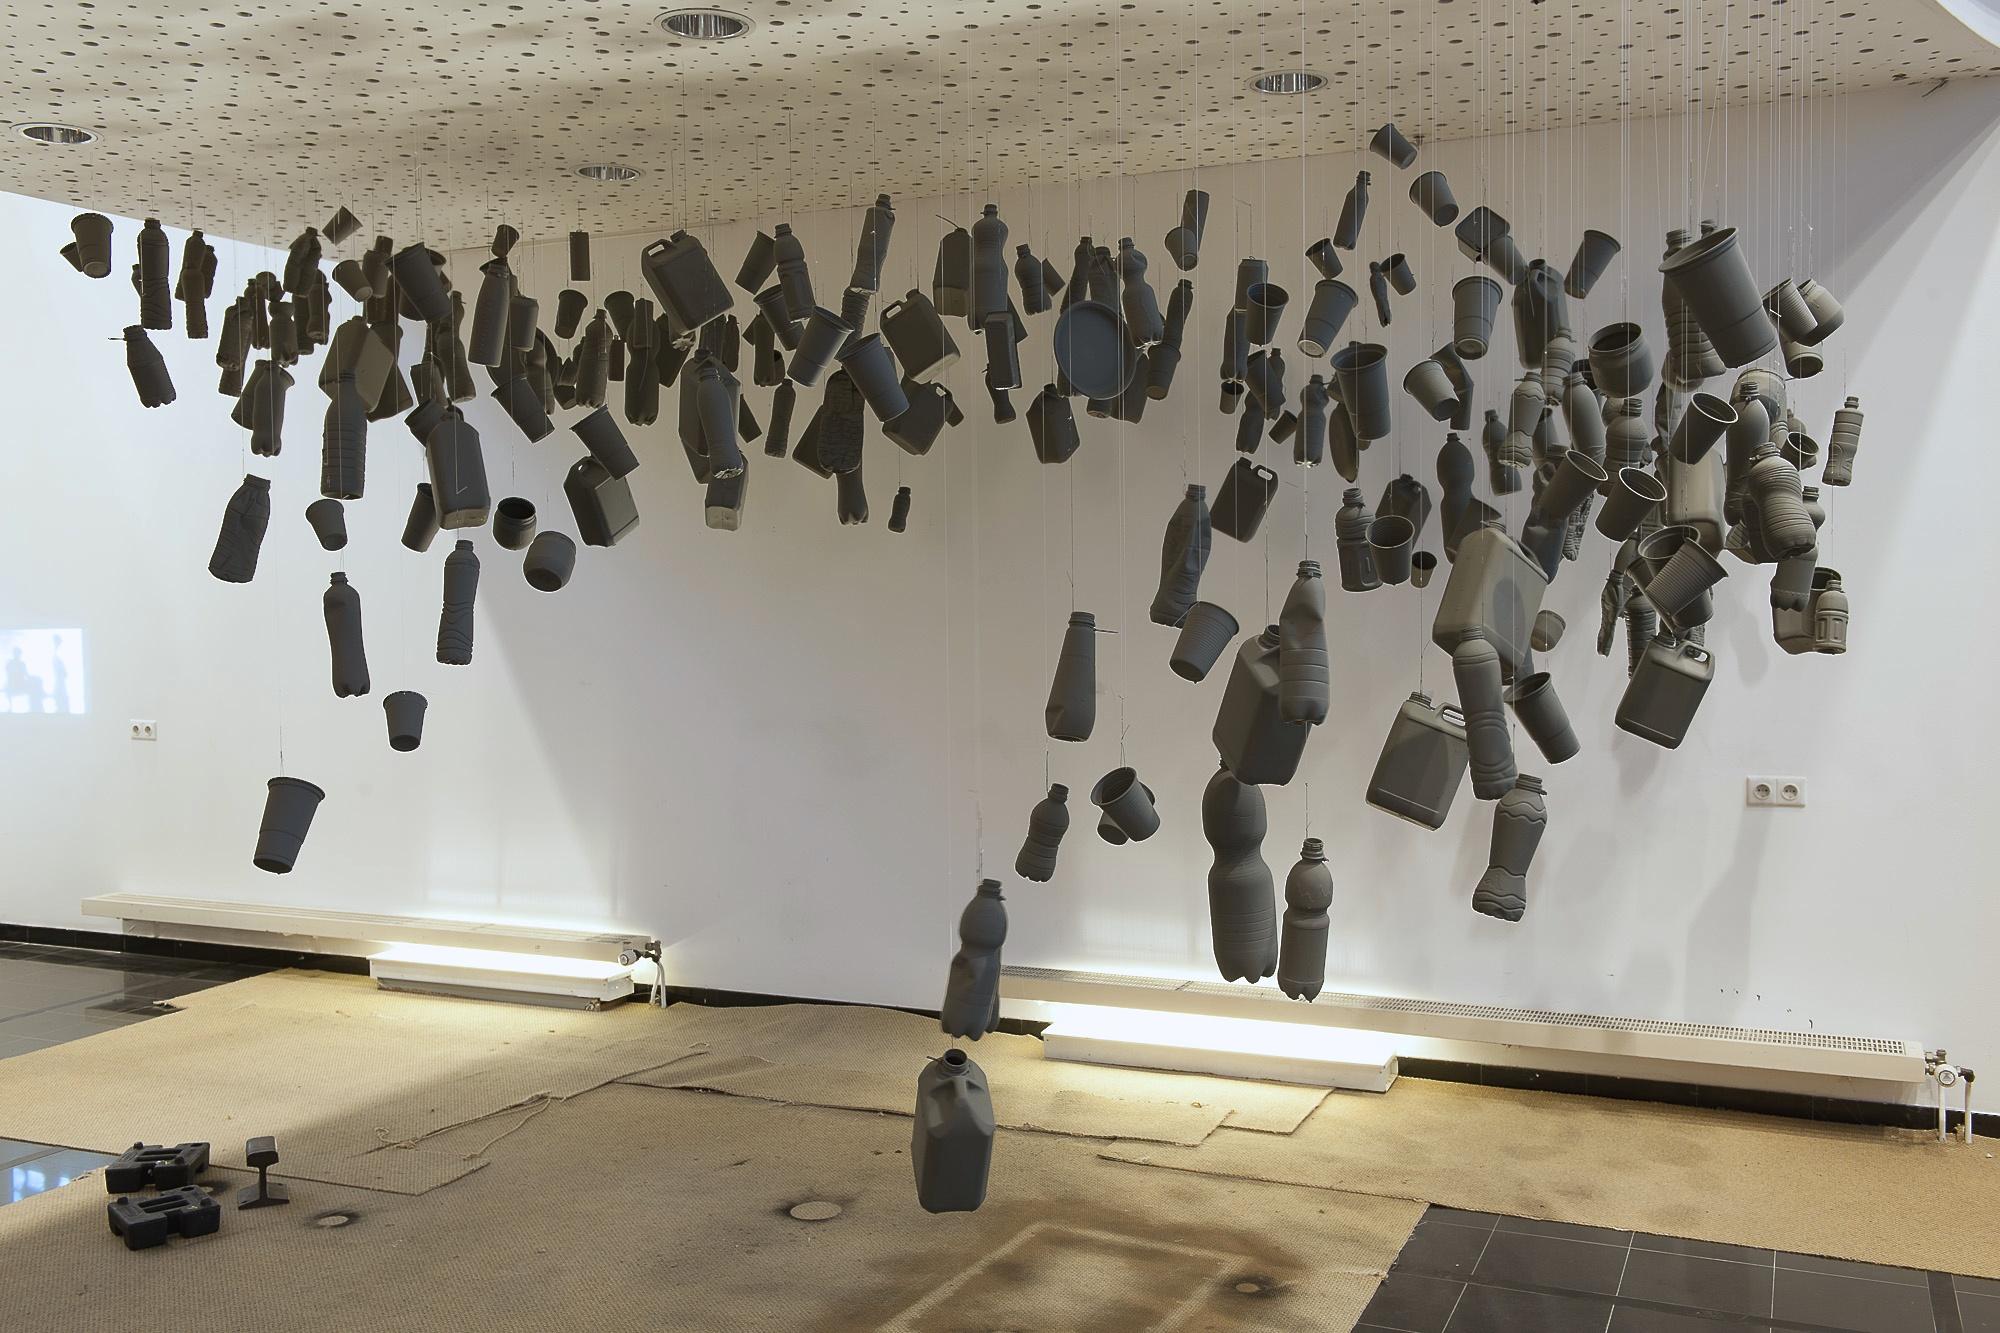 Prachtige kunstwerken te zien in de Kunst-Min-Hallen in Bergen. (Foto's: aangeleverd).